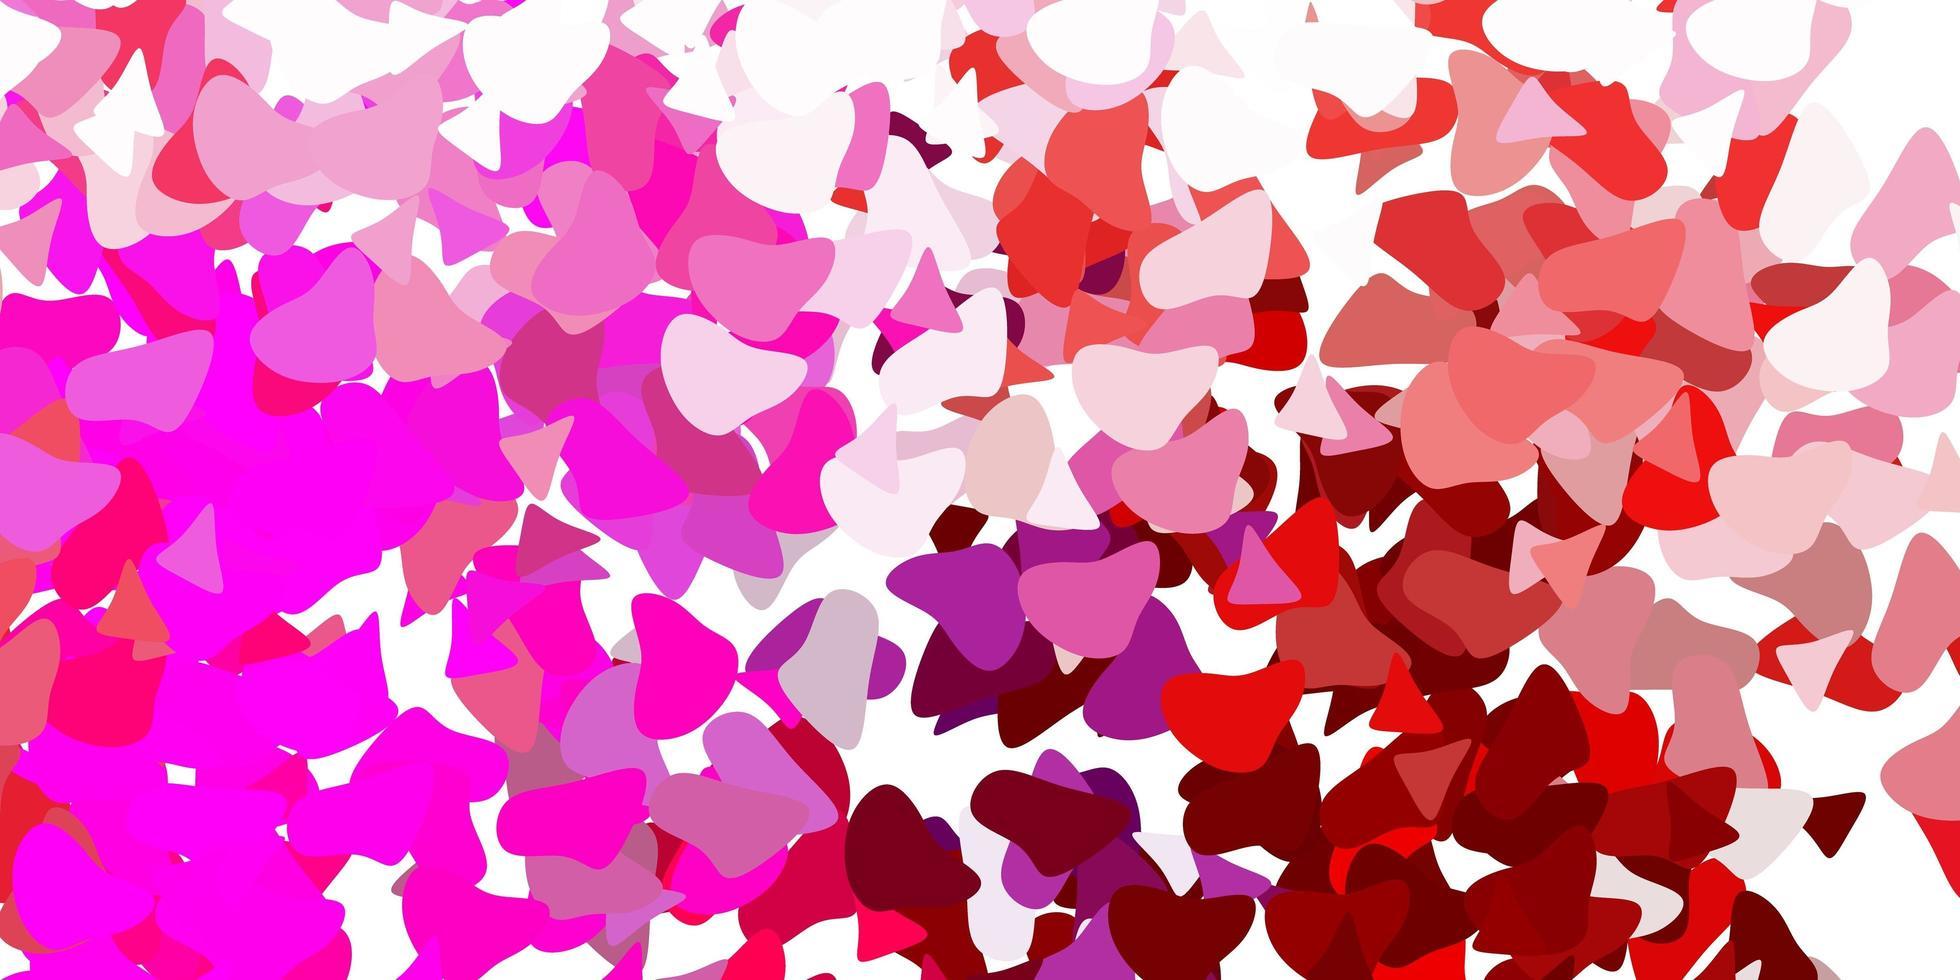 lichtpaarse, roze vectorachtergrond met chaotische vormen. vector